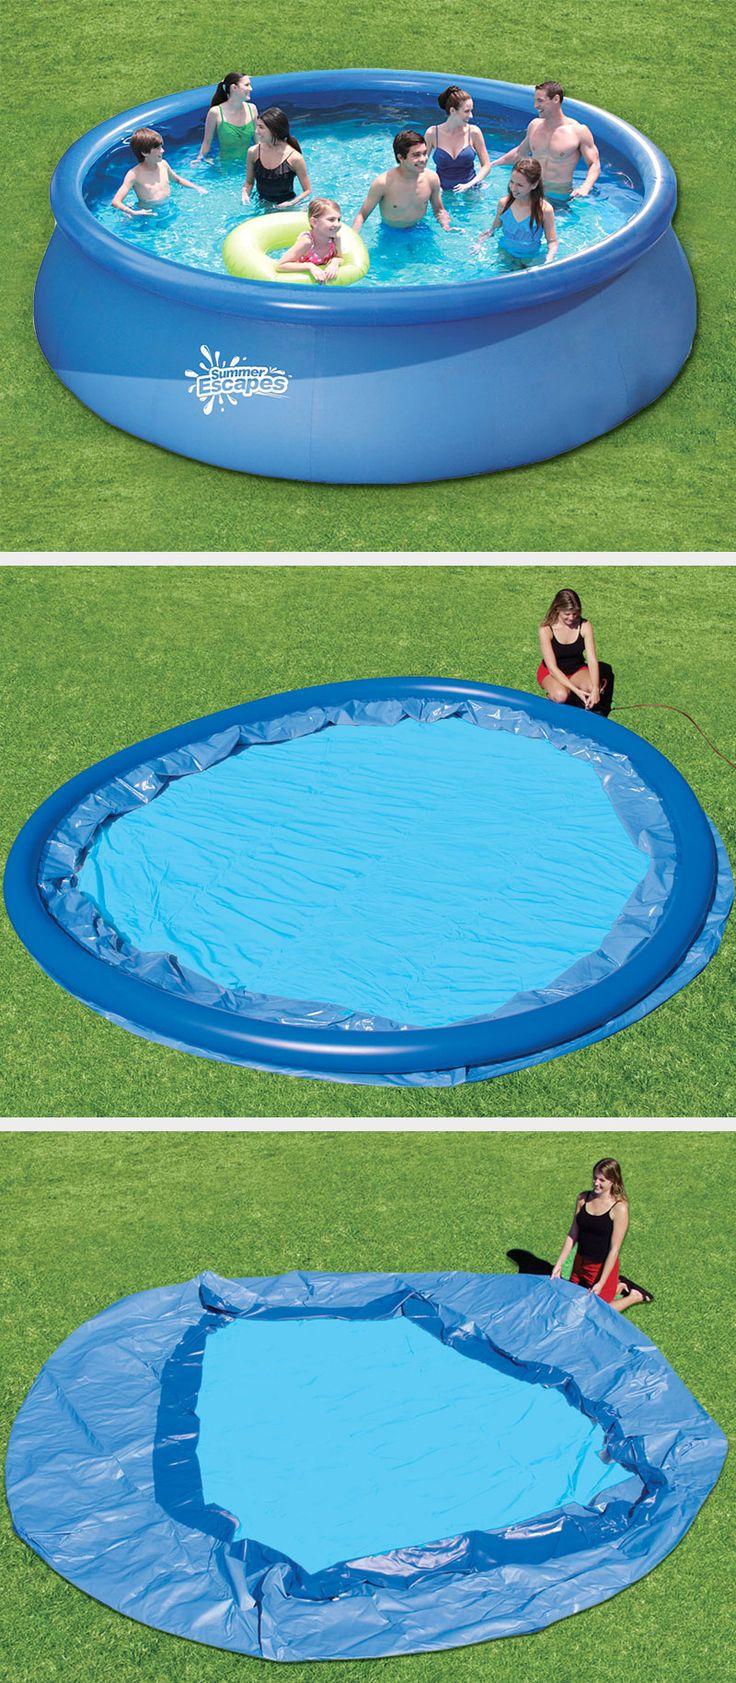 New Badespa f r die ganze Familie Quick Up Pools und Planschbecken Jetzt bequem und g nstig bei POOLSANA bestellen